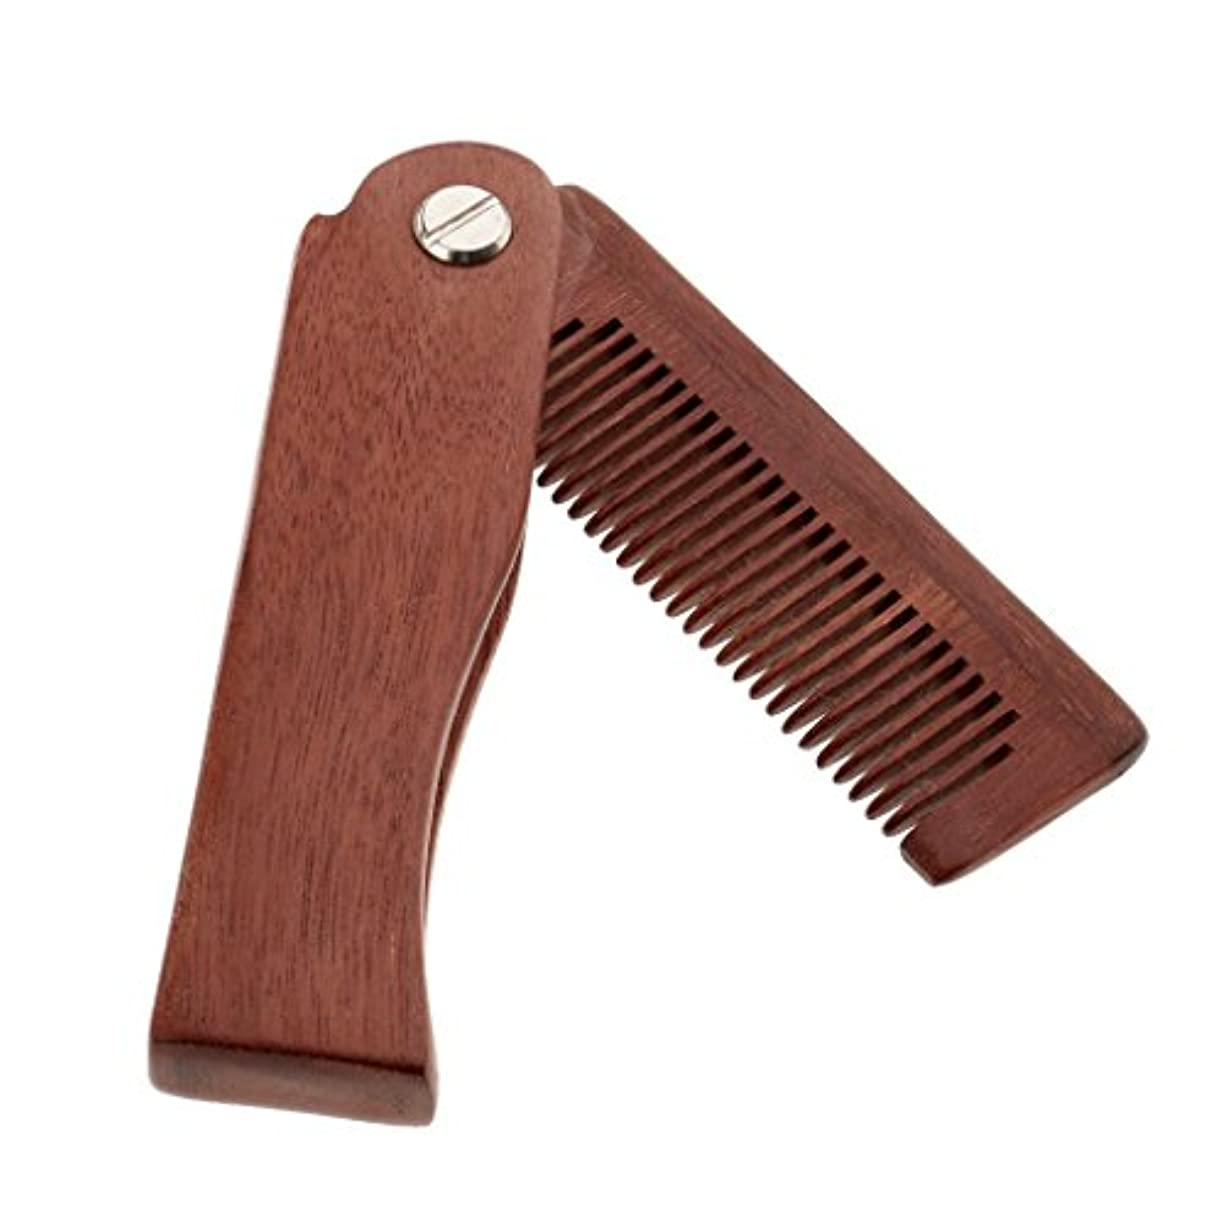 精算処方する容量ひげ剃り櫛 コーム 木製櫛 折りたたみ メンズ 毛ひげの櫛